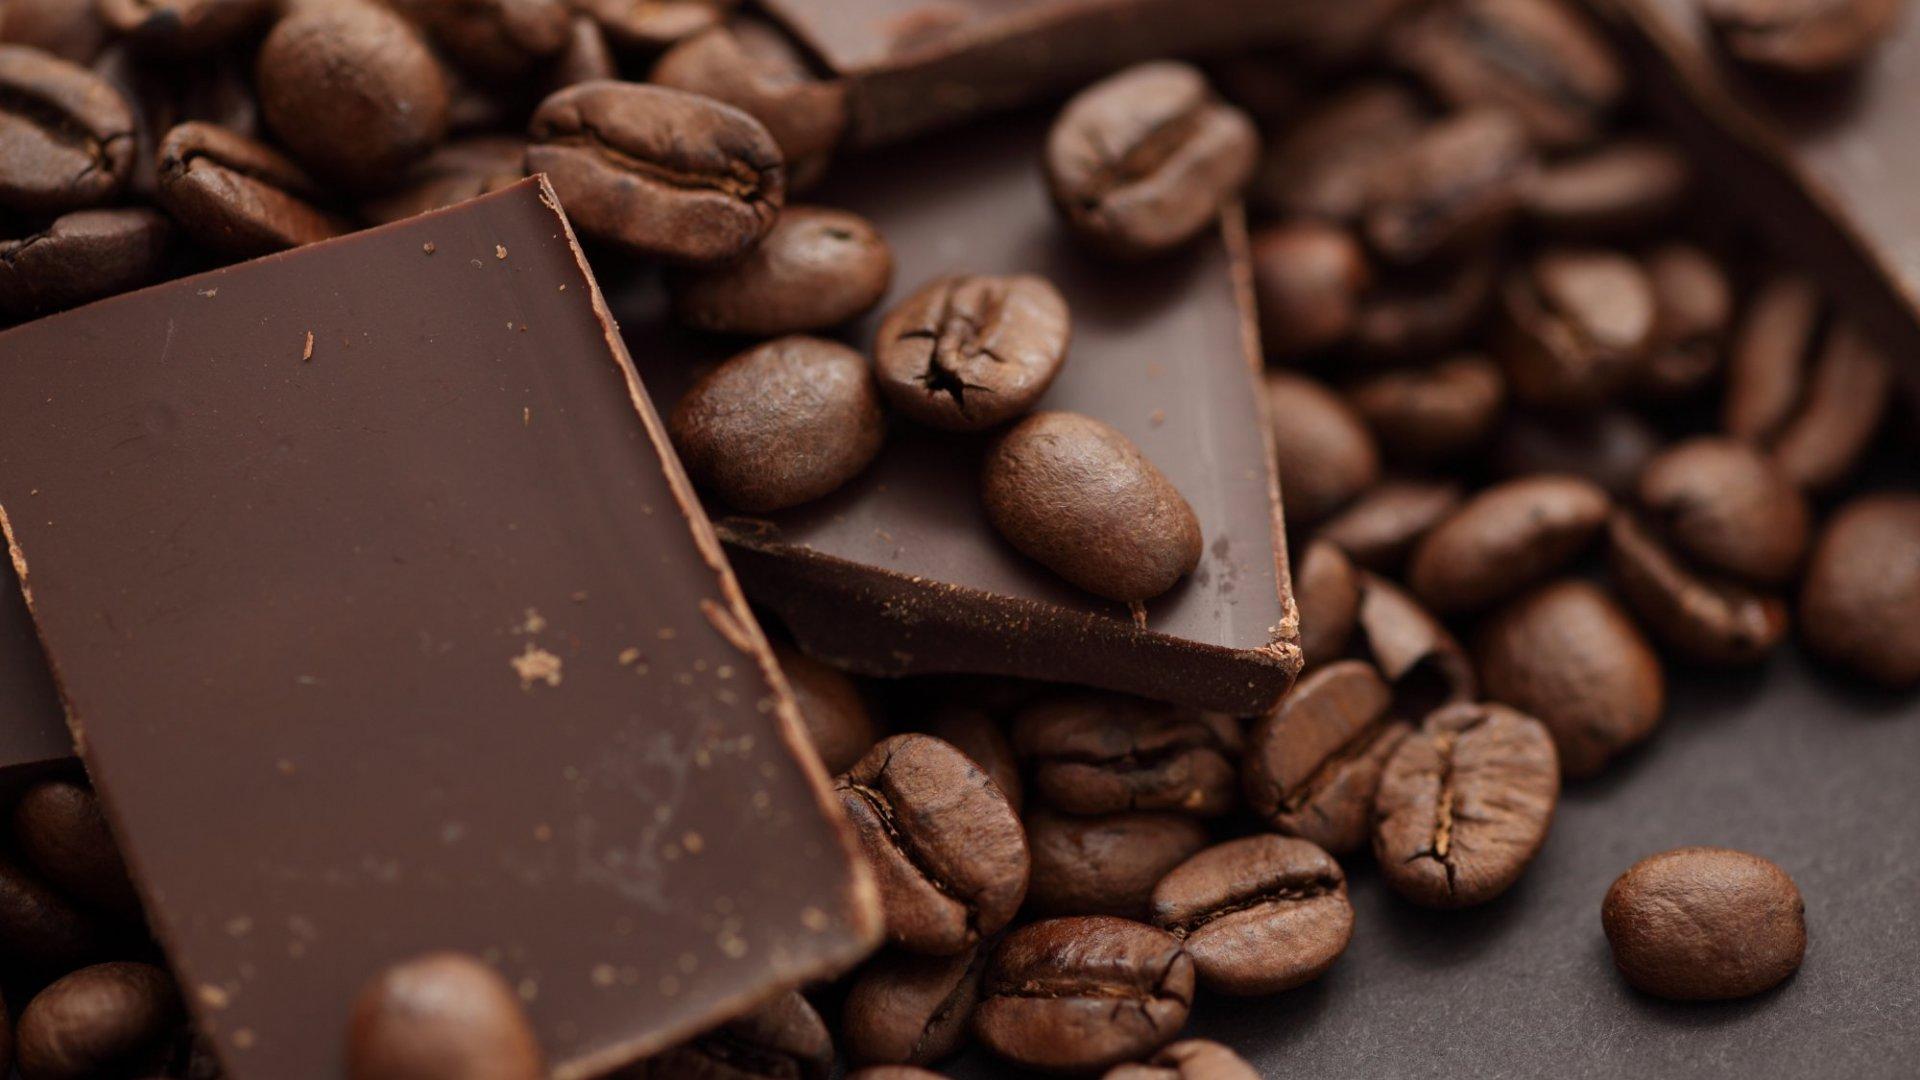 فروش فله ای کاکائو تخته ای با متریال درجه یک